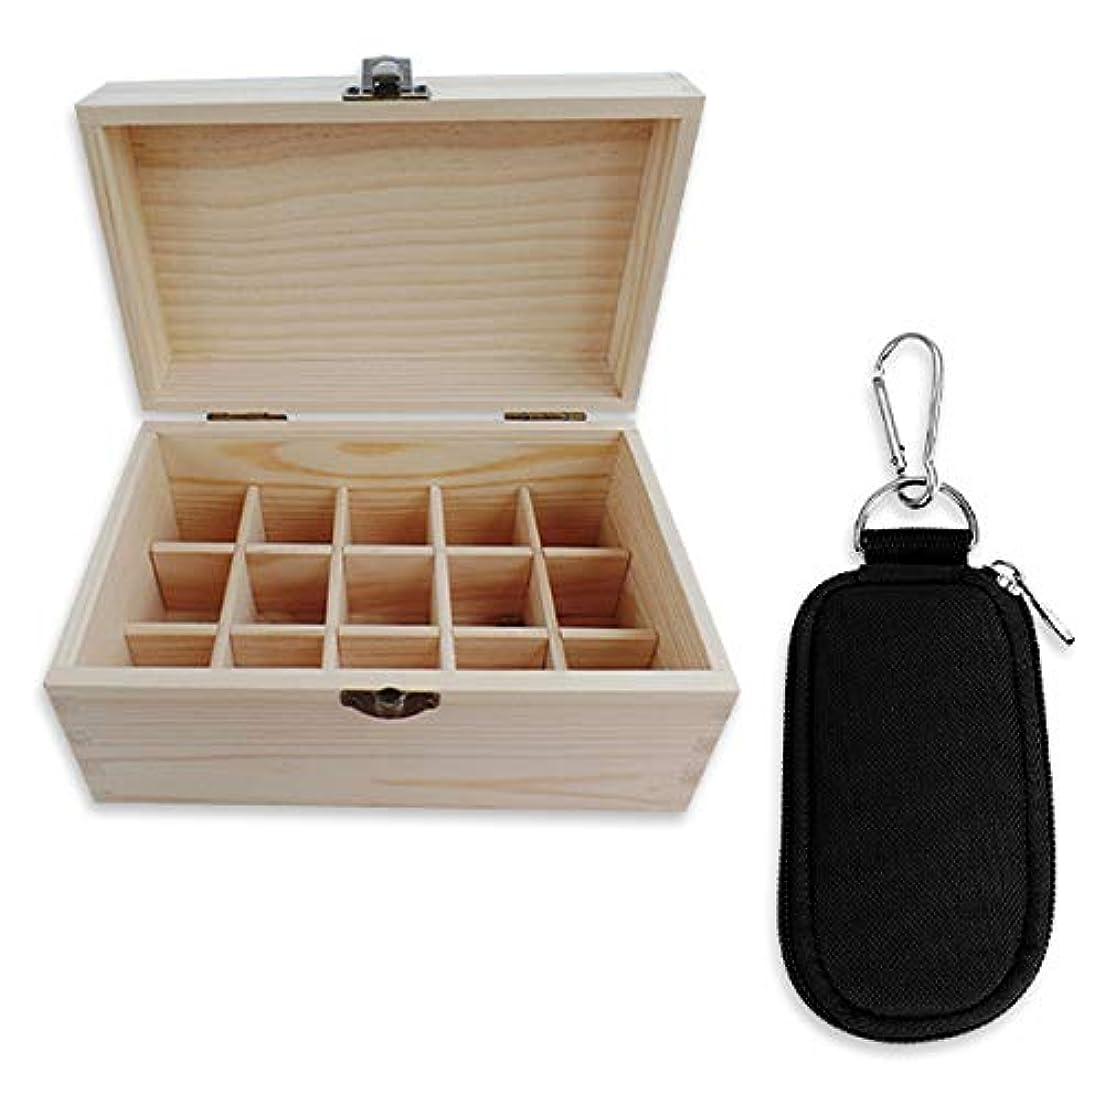 下発症最大HAMILO エッセンシャルオイル収納ボックス 木製ケース オイル収納ボックス 遮光瓶用ポーチ付 (2点セット)